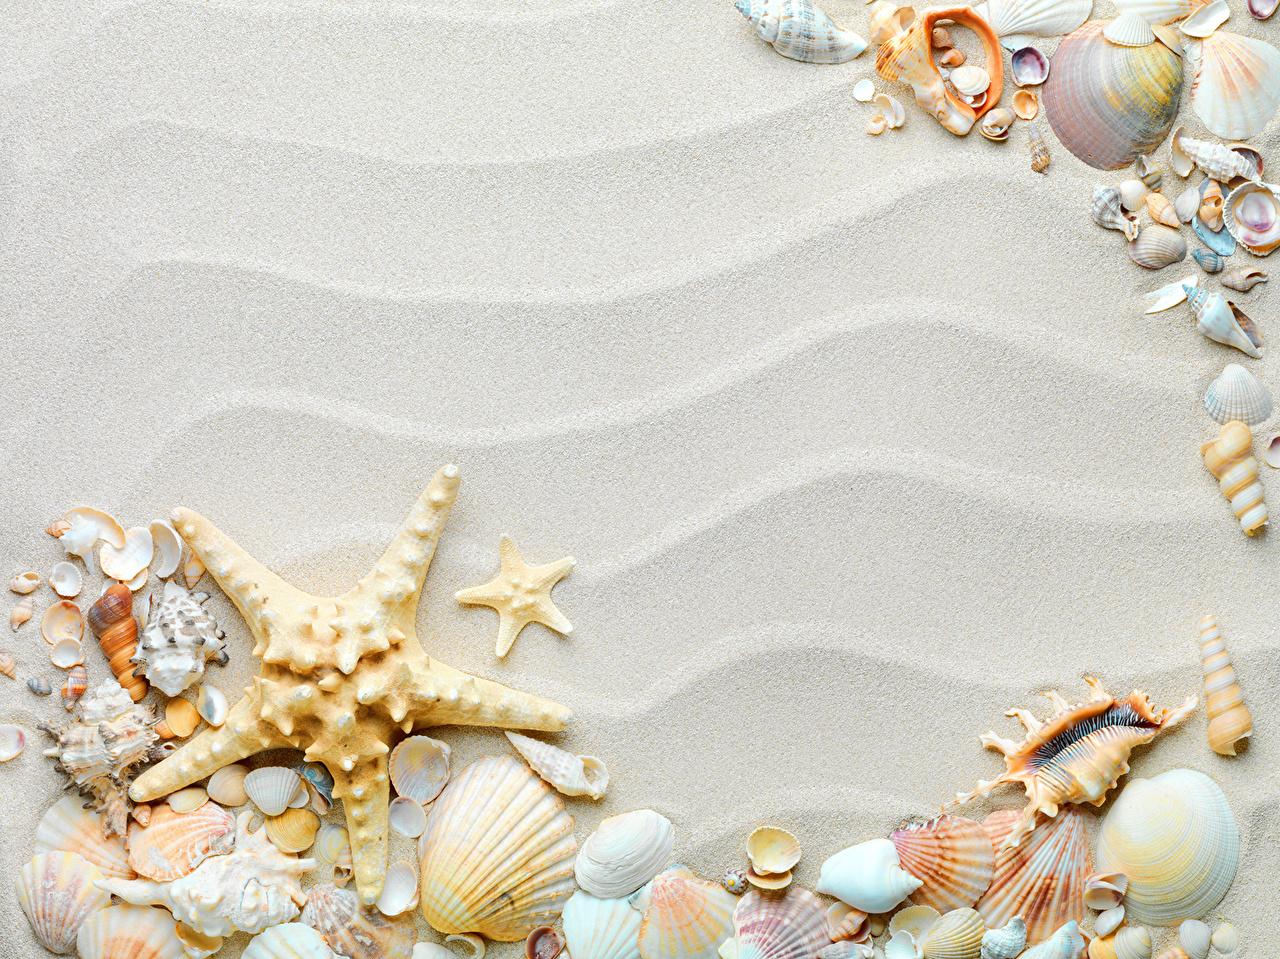 壁紙 貝殻 ヒトデ クローズアップ 砂 ダウンロード 写真